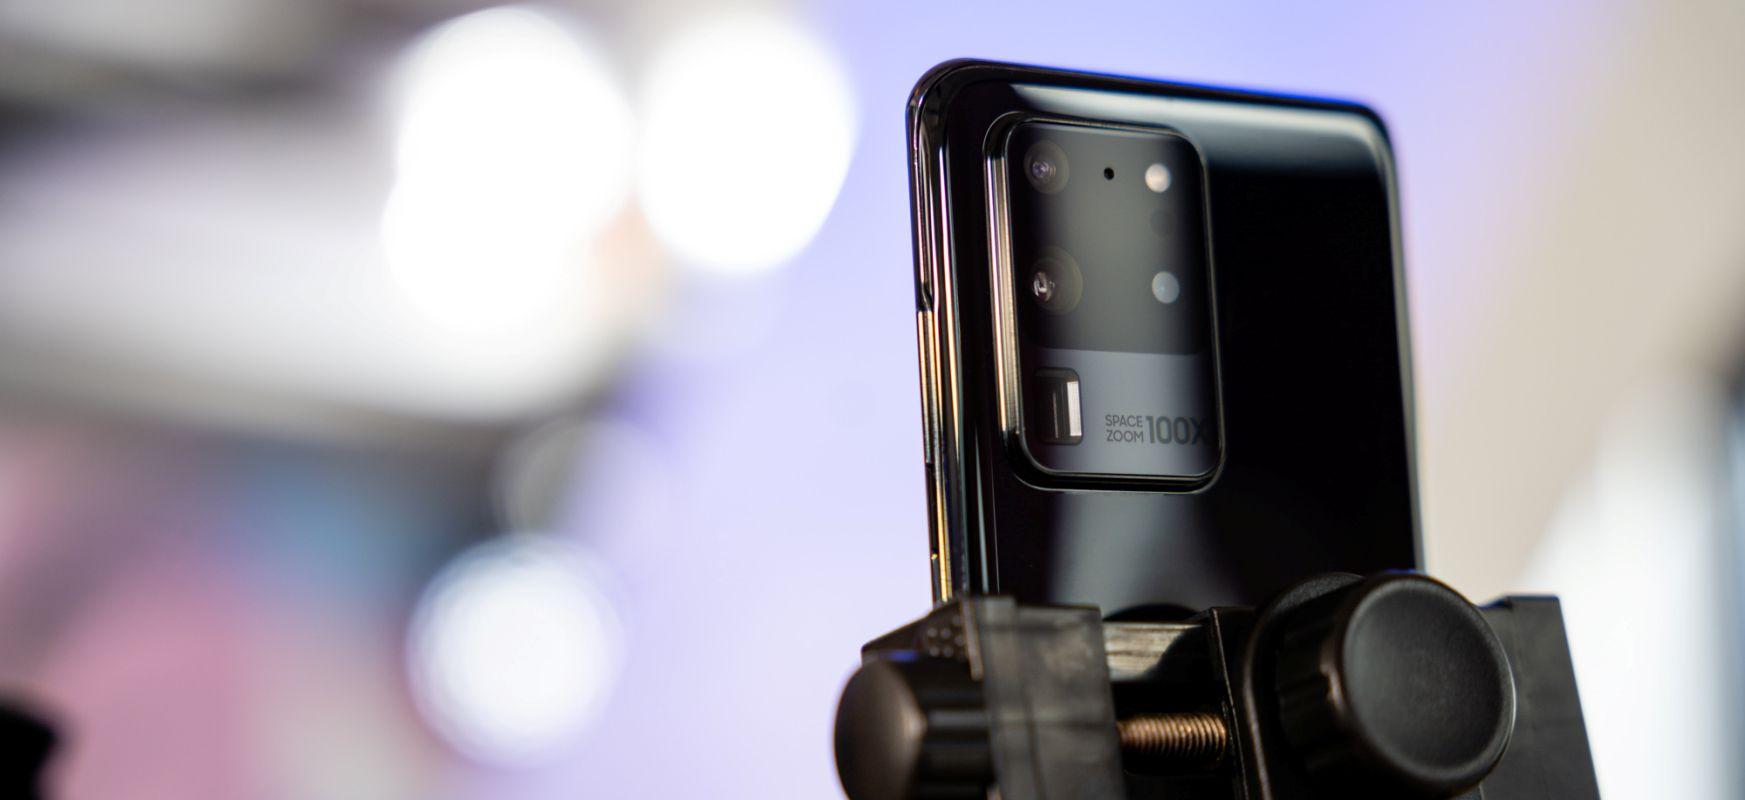 Bi argazkilari, smartphone bat.  Samsung Galaxy S20 Ultra in Spider-en Web argazki duel